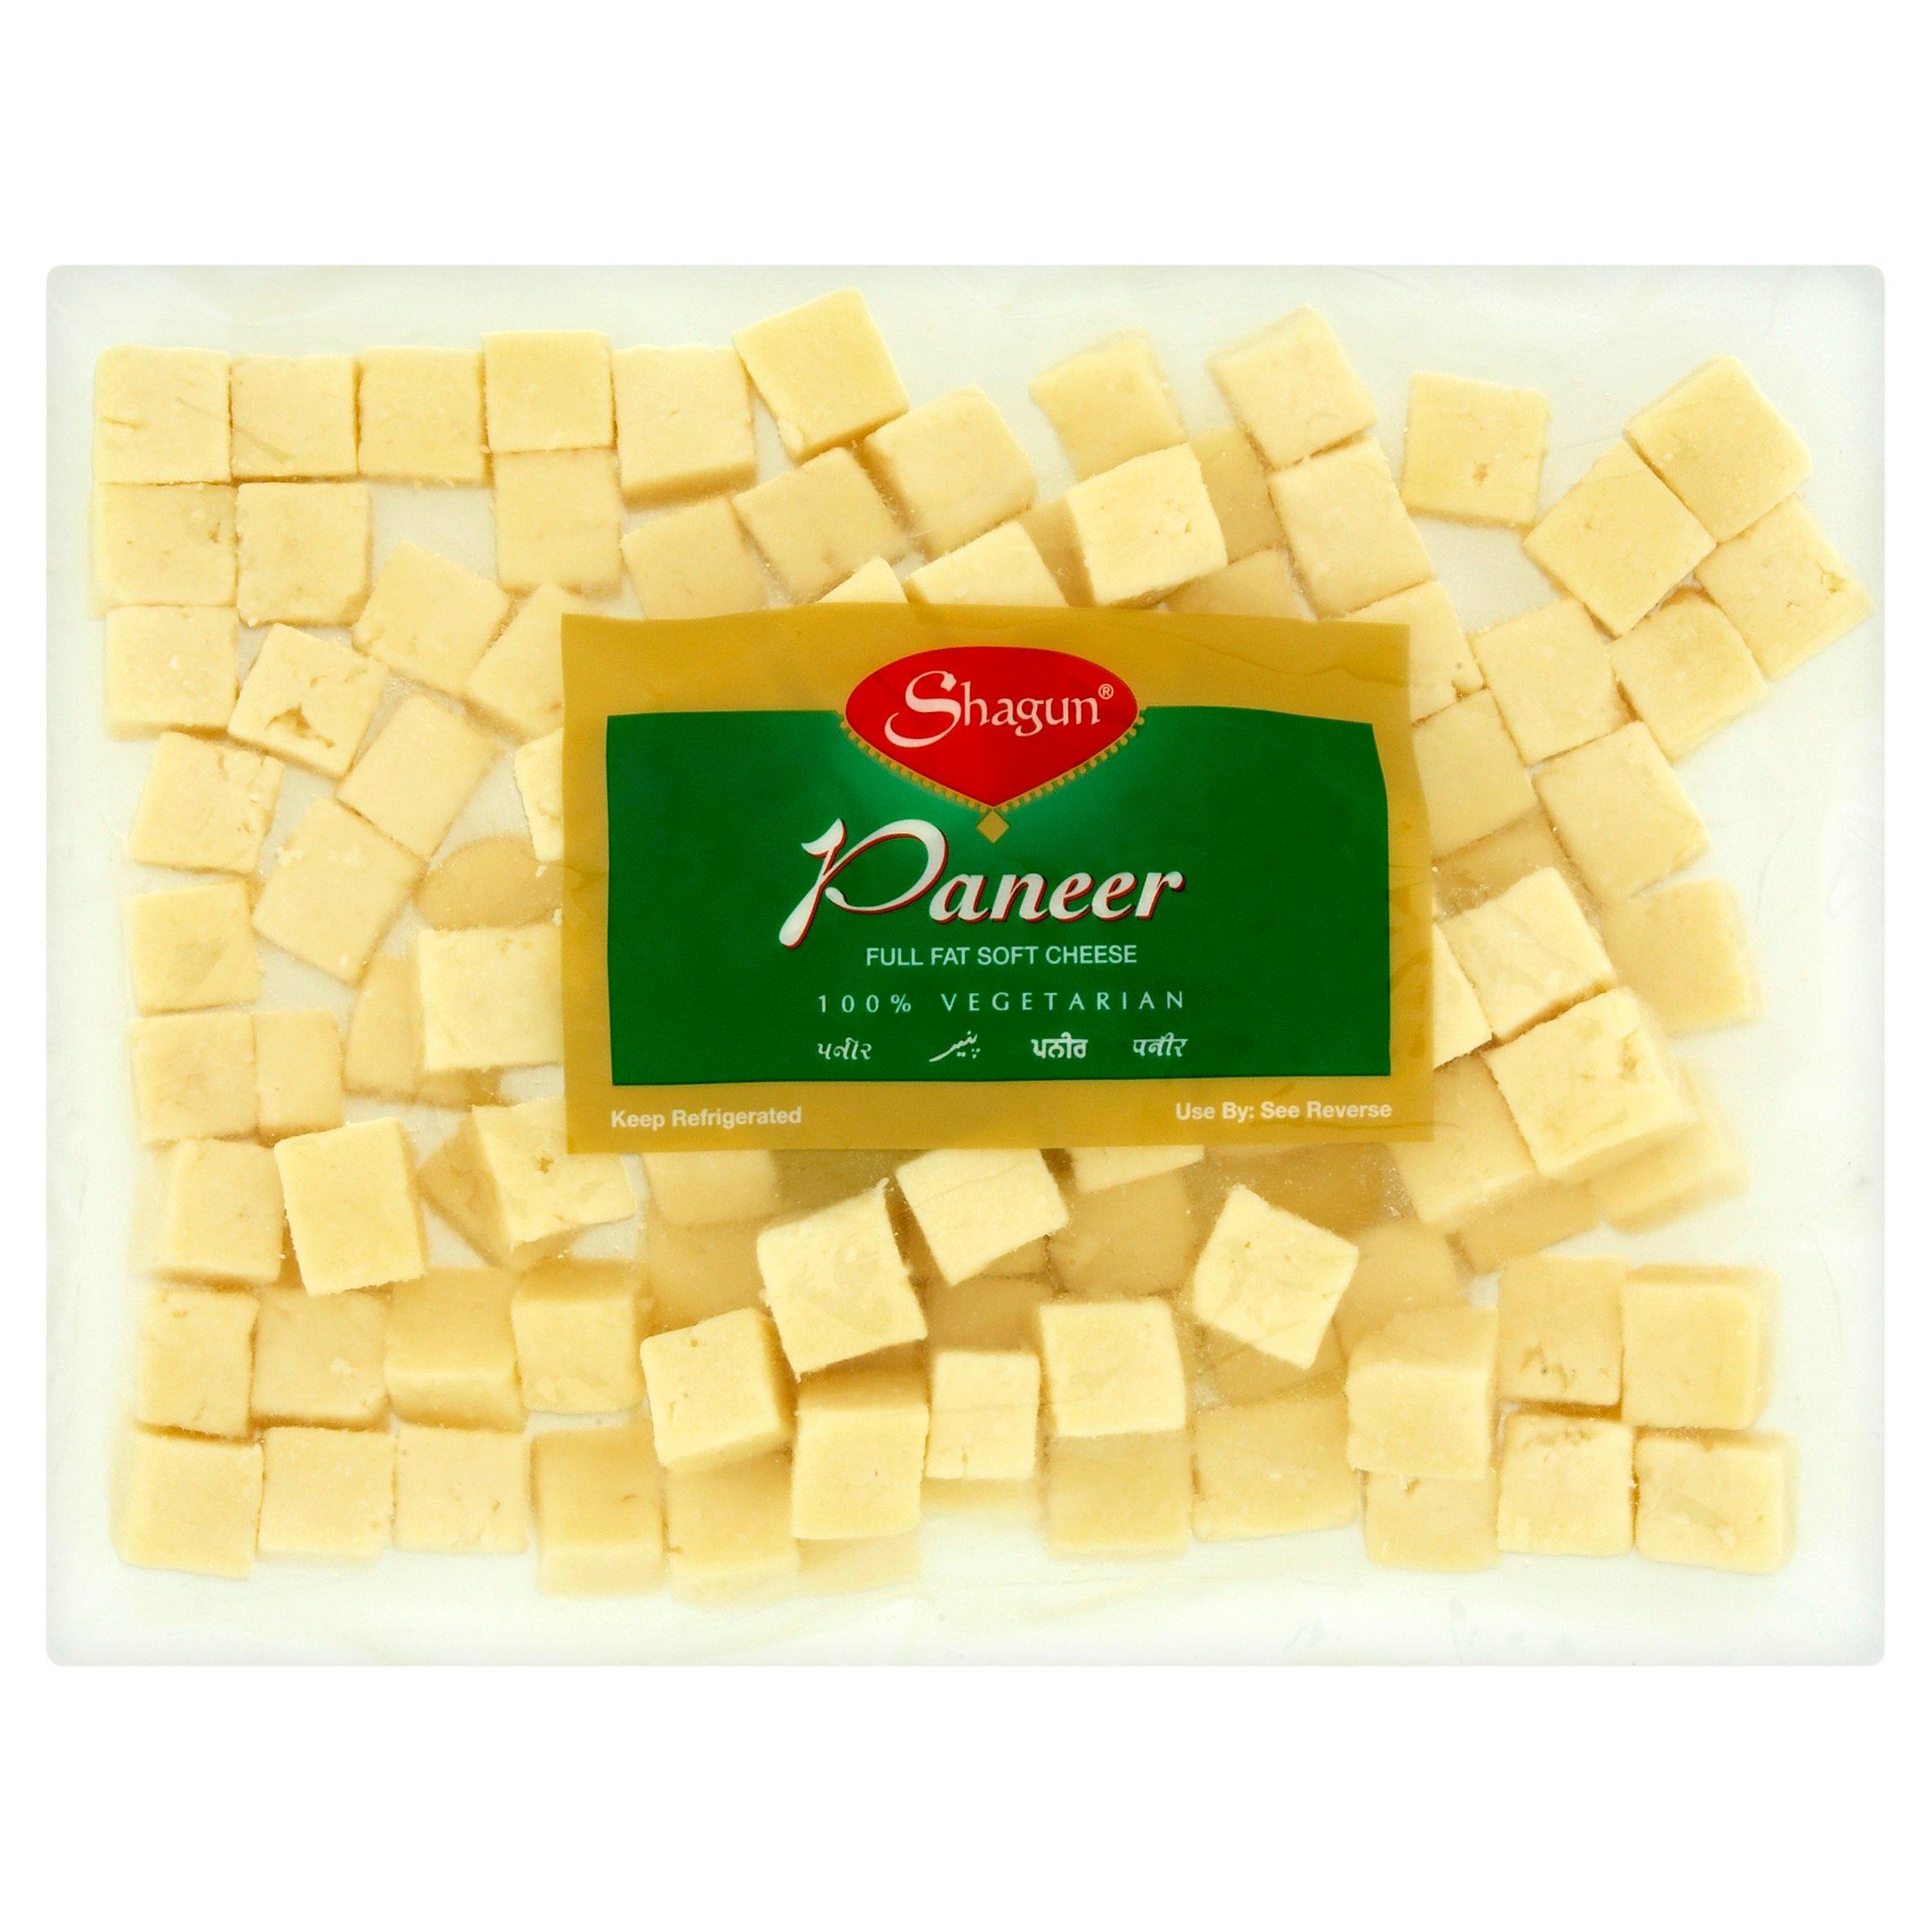 Shagun Diced Paneer Cheese 500G